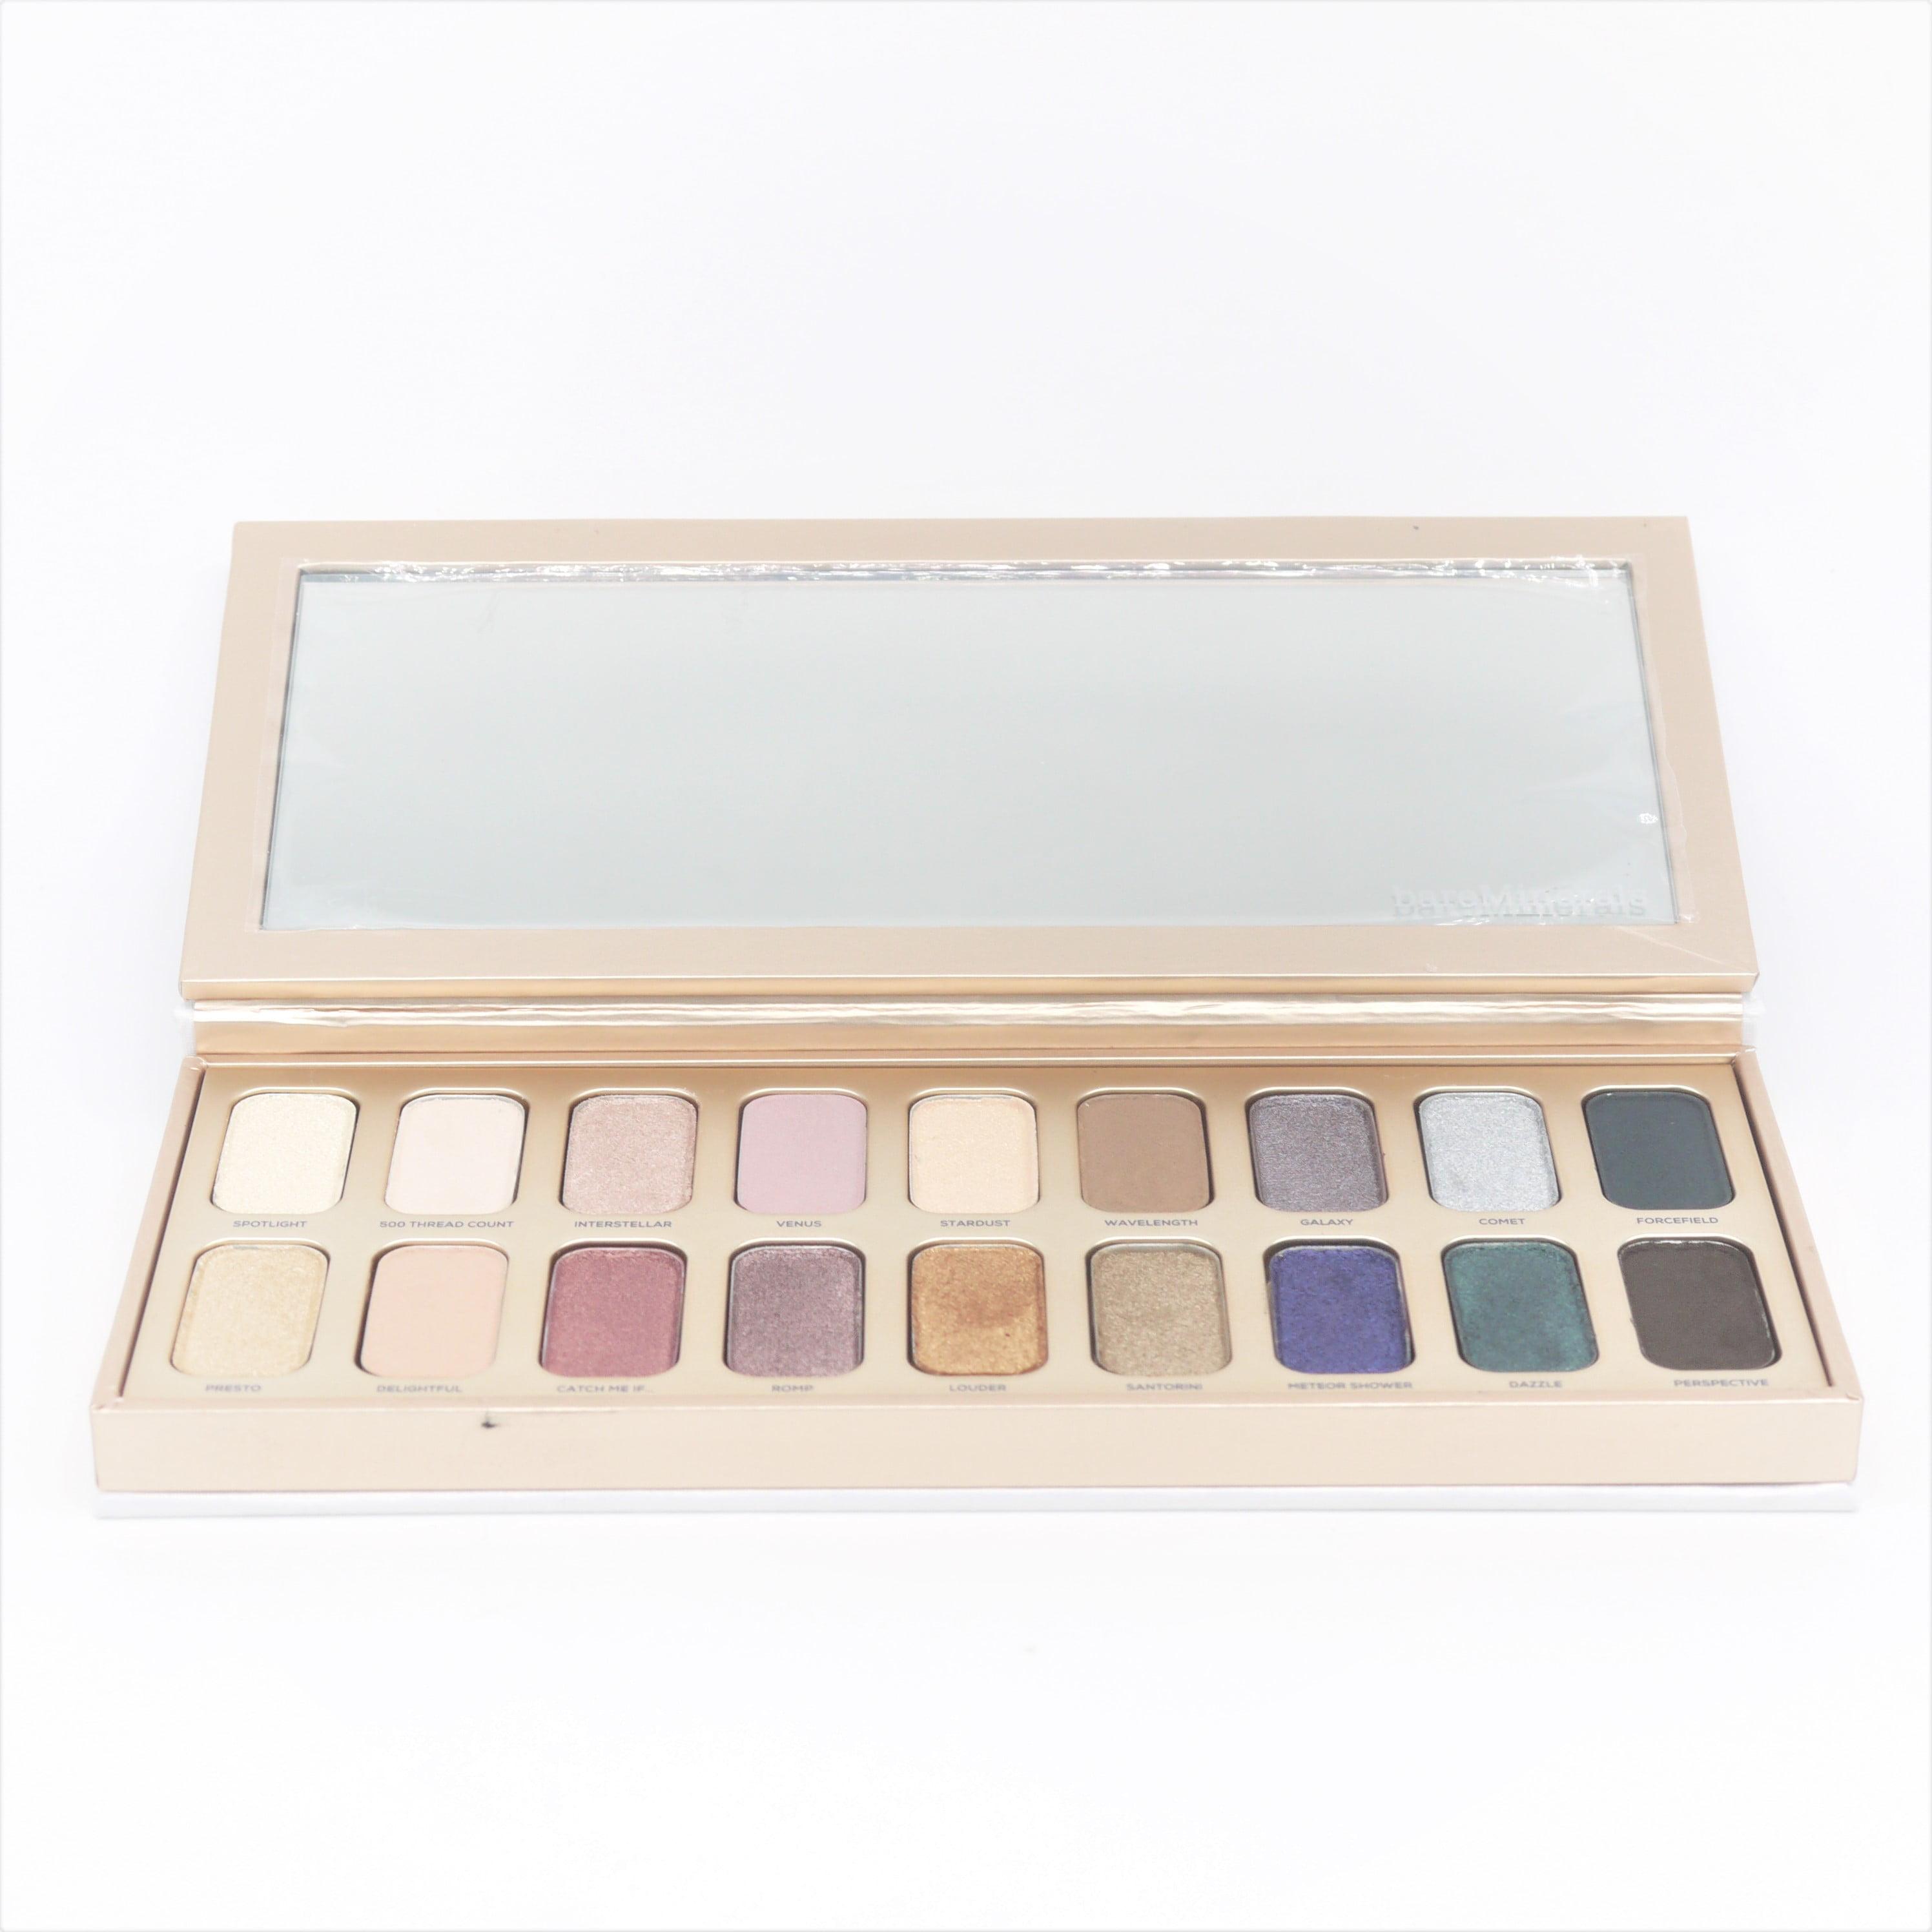 bareMinerals Aurora Lights 18-Shade Gen Nude Eyeshadow Palette